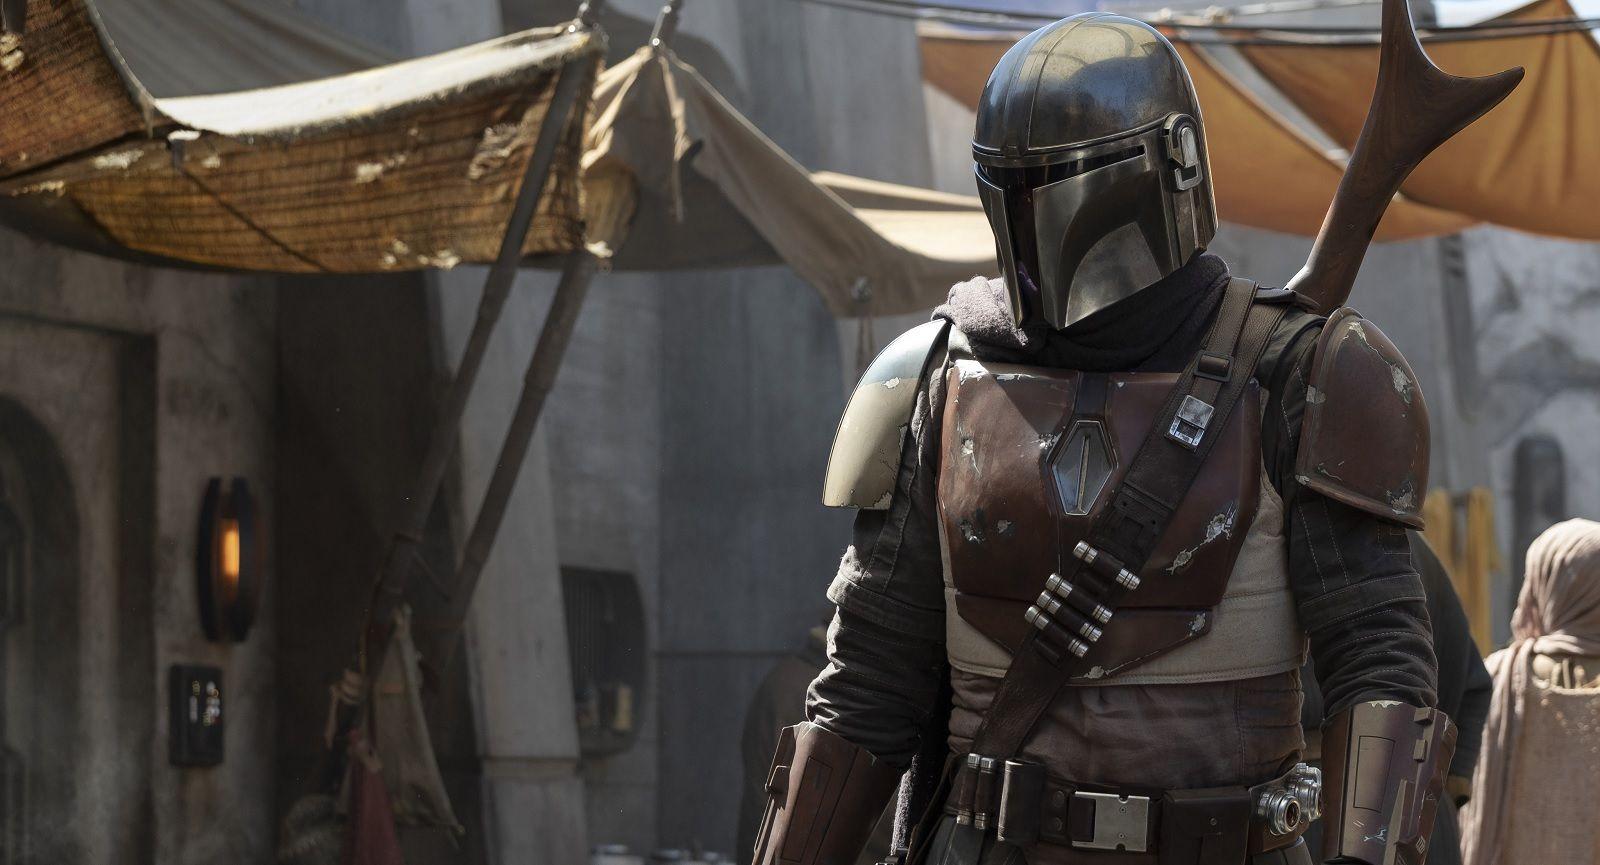 Pourquoi The Mandalorian est le meilleur Star Wars depuis Le Retour du Jedi